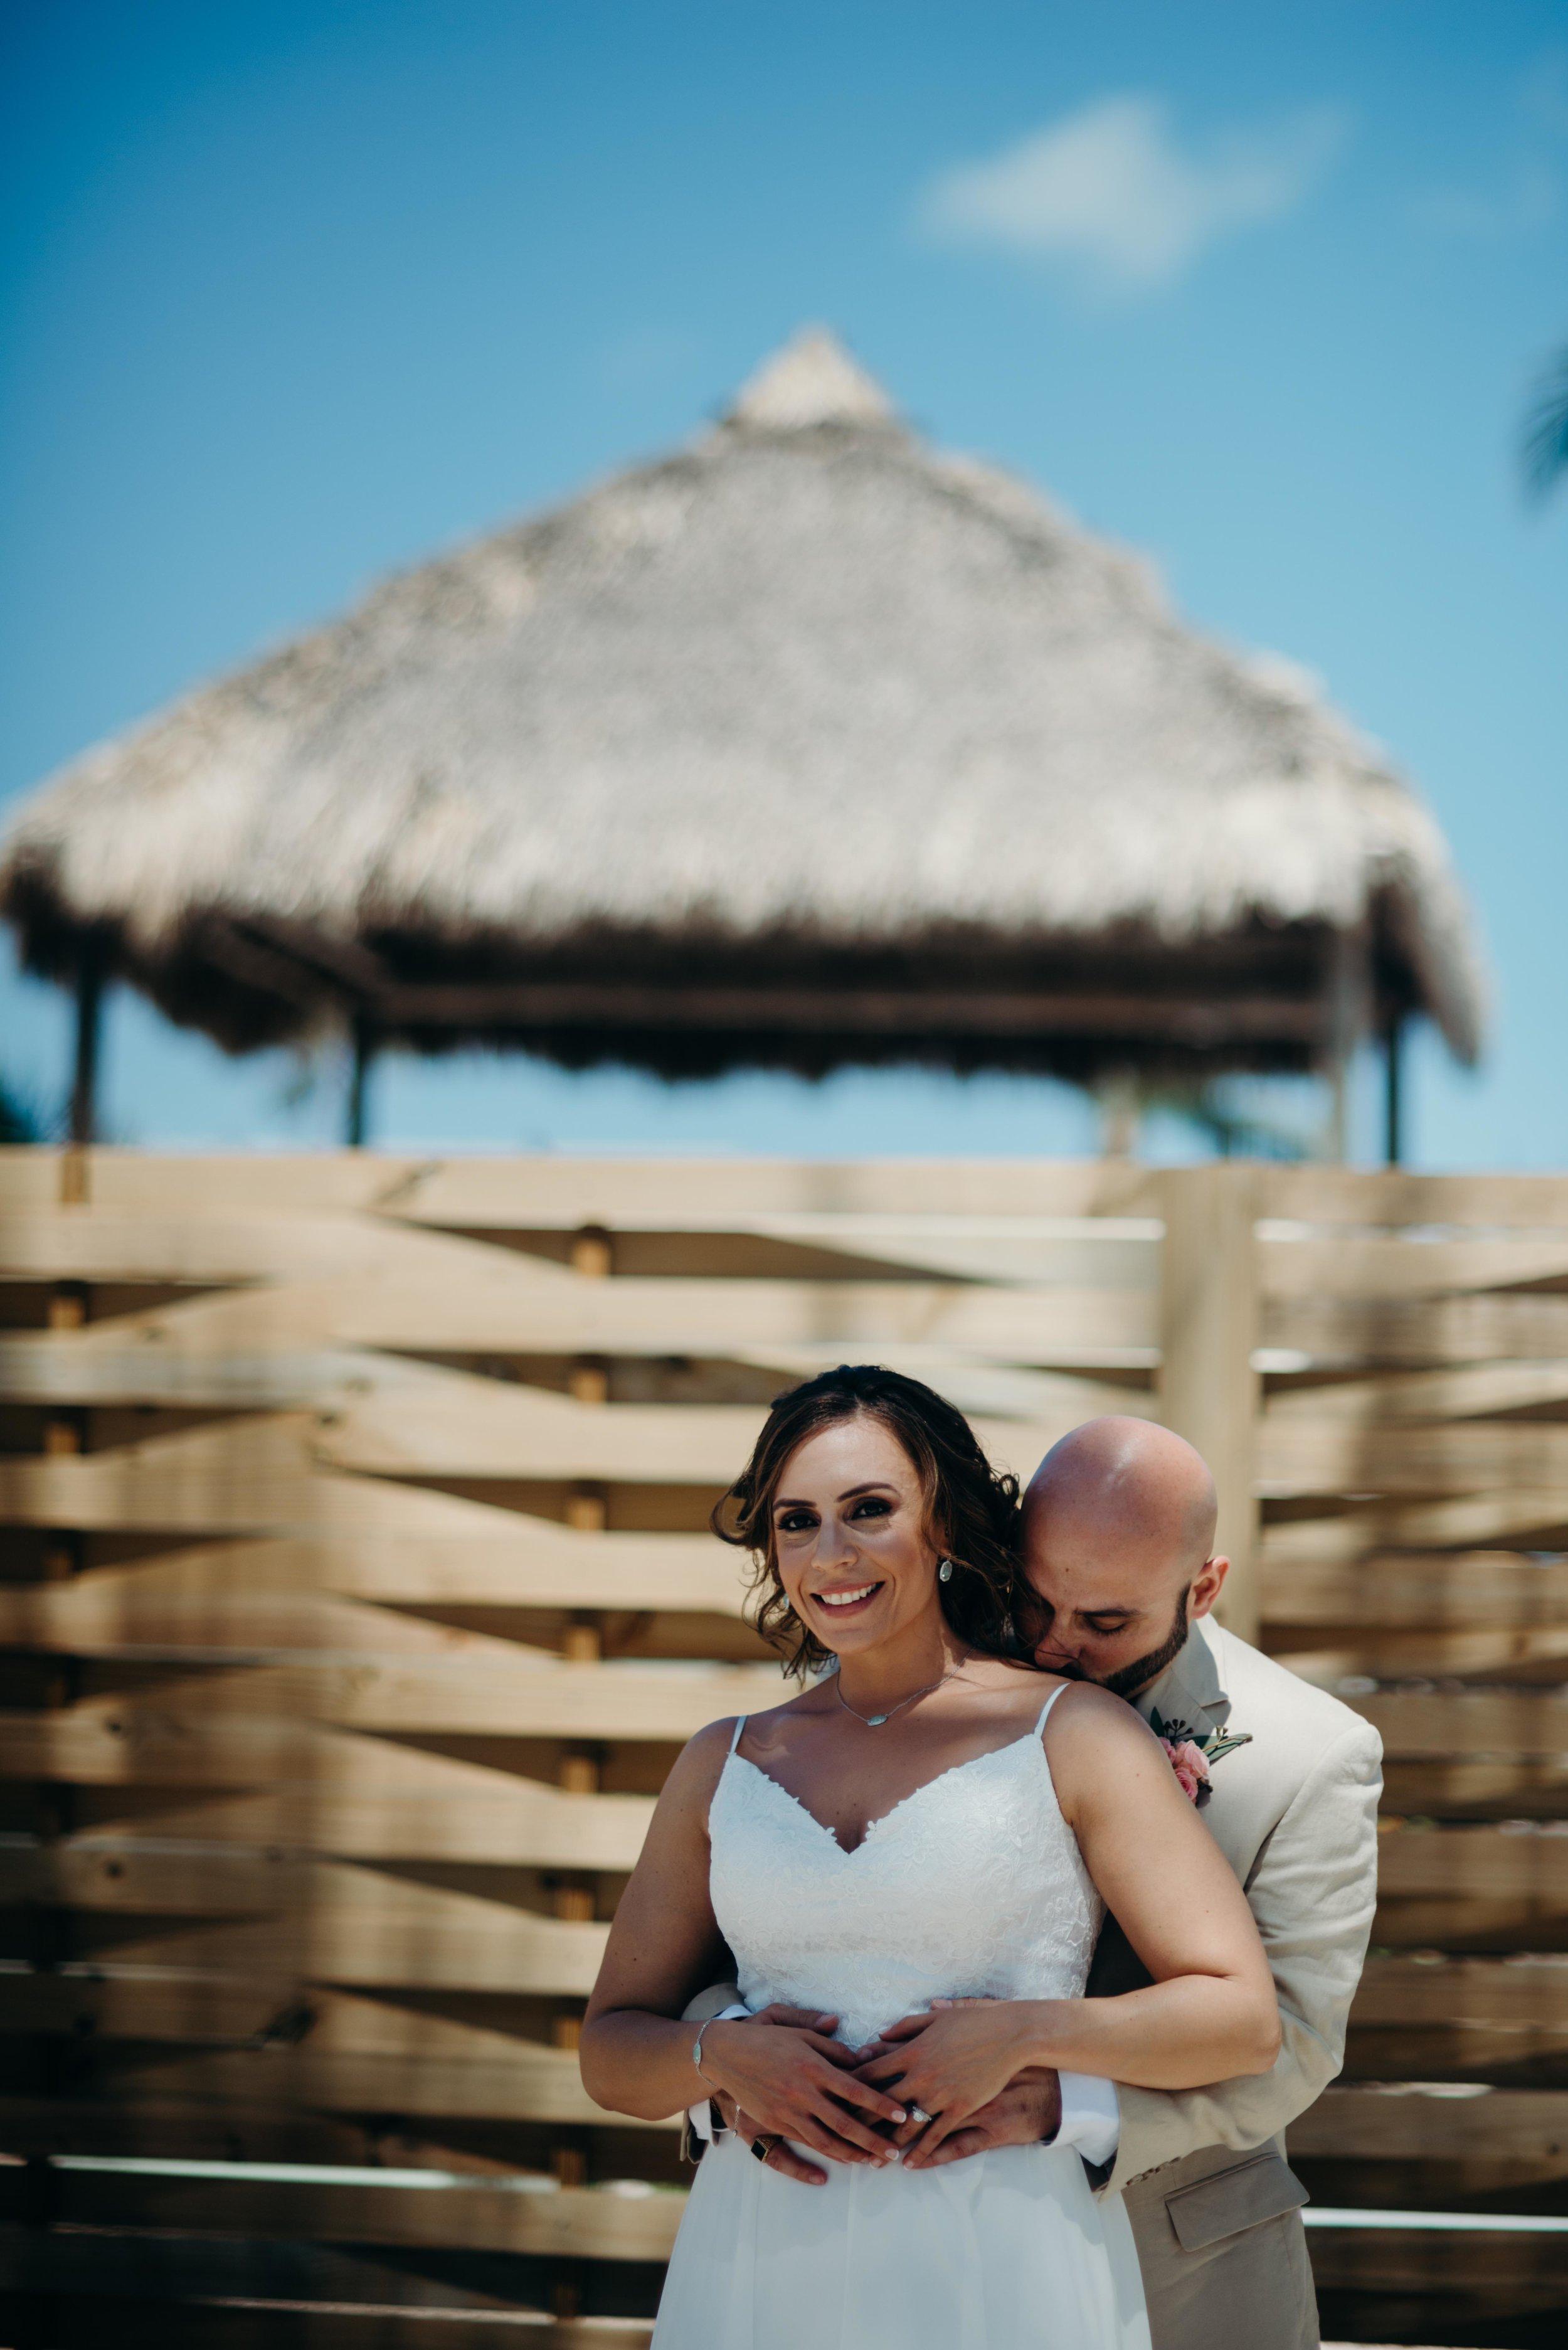 fotografia matrimonio Florida6.jpg